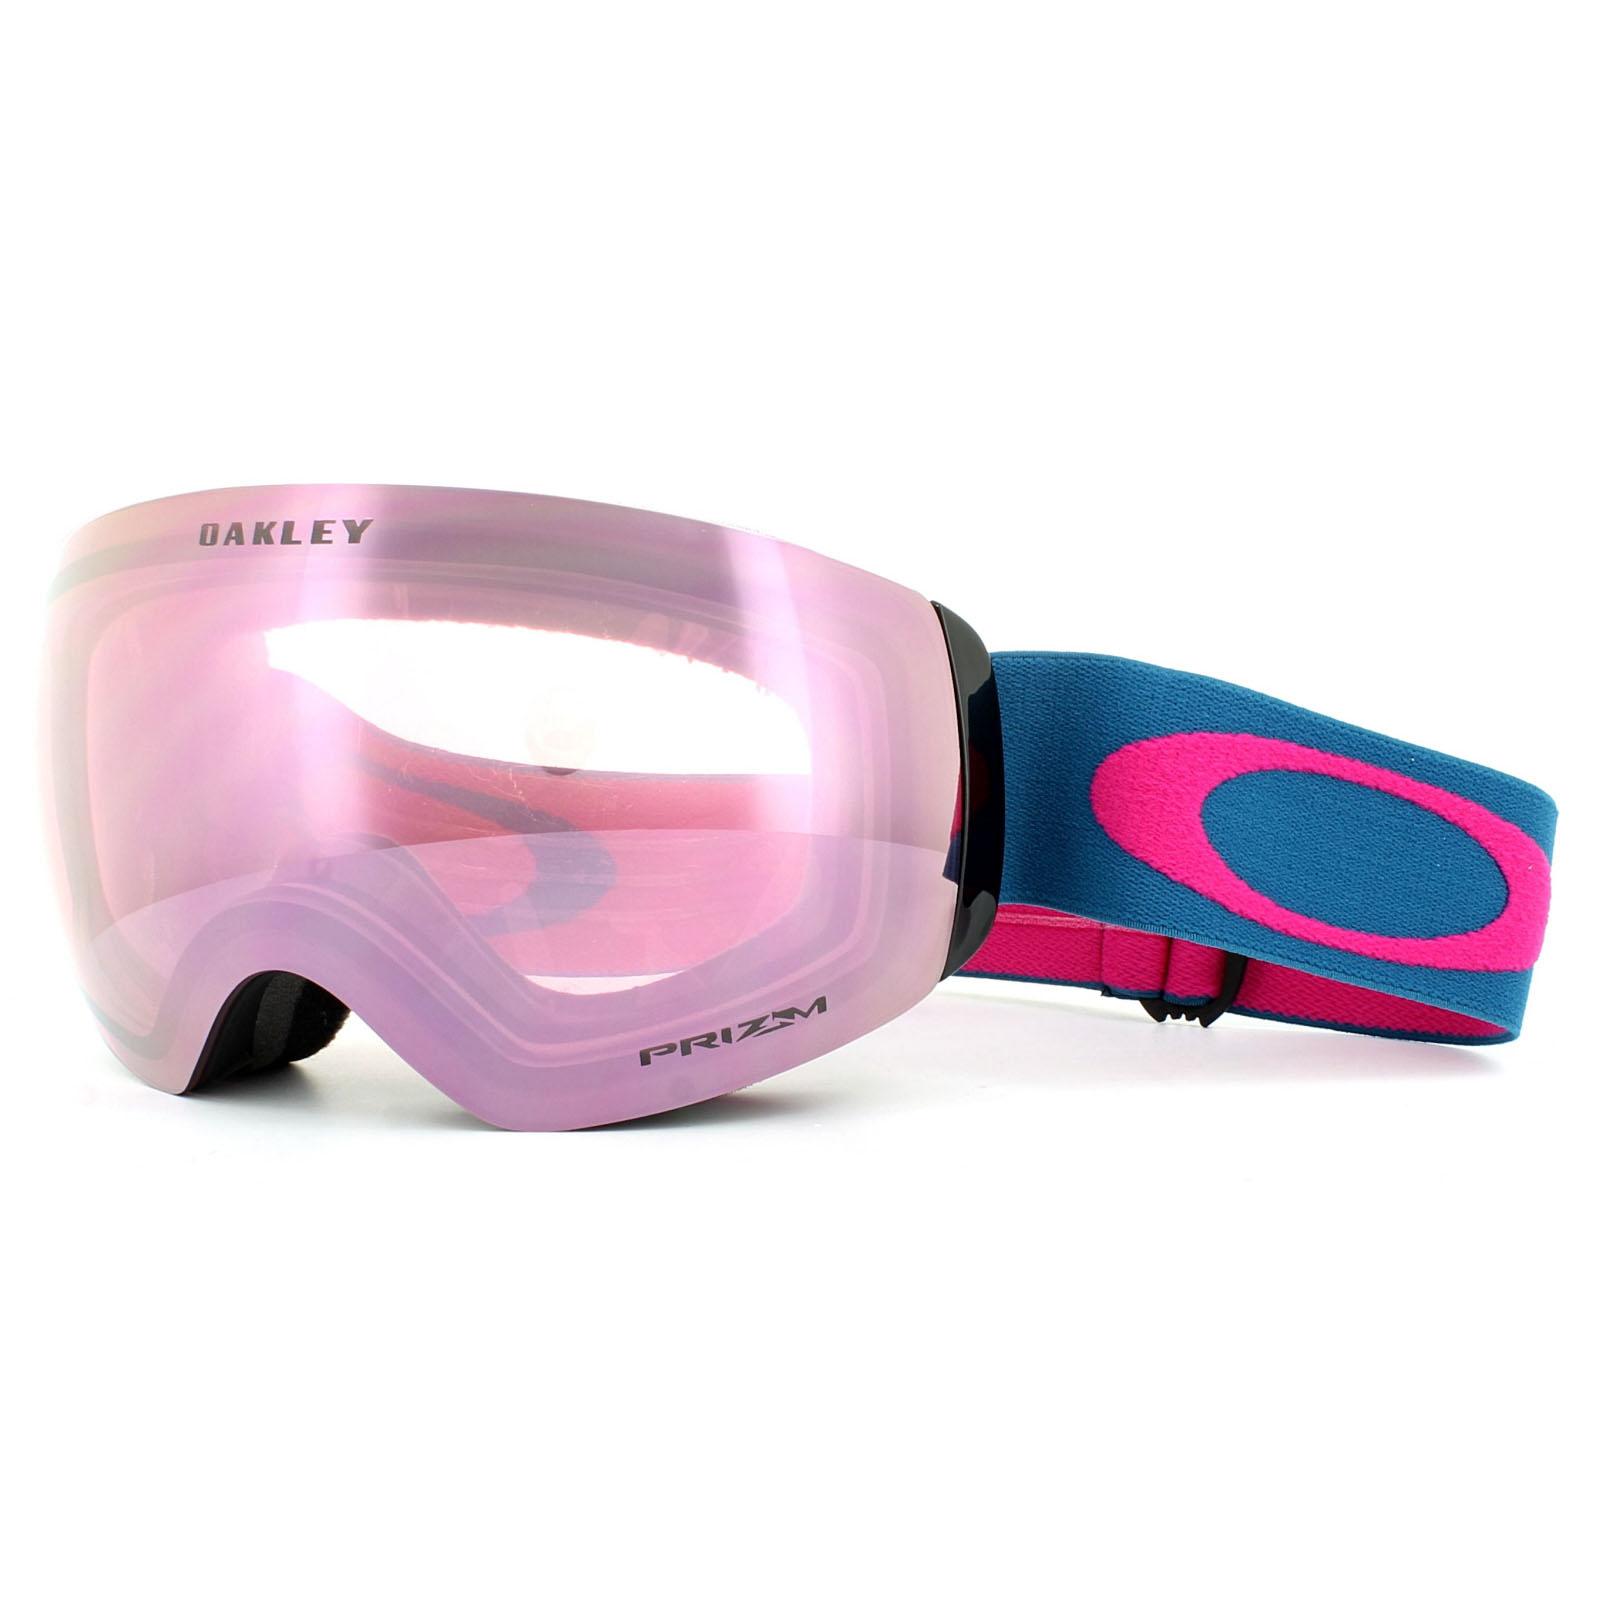 oakley goggles flight deck 9b8r  oakley goggles flight deck